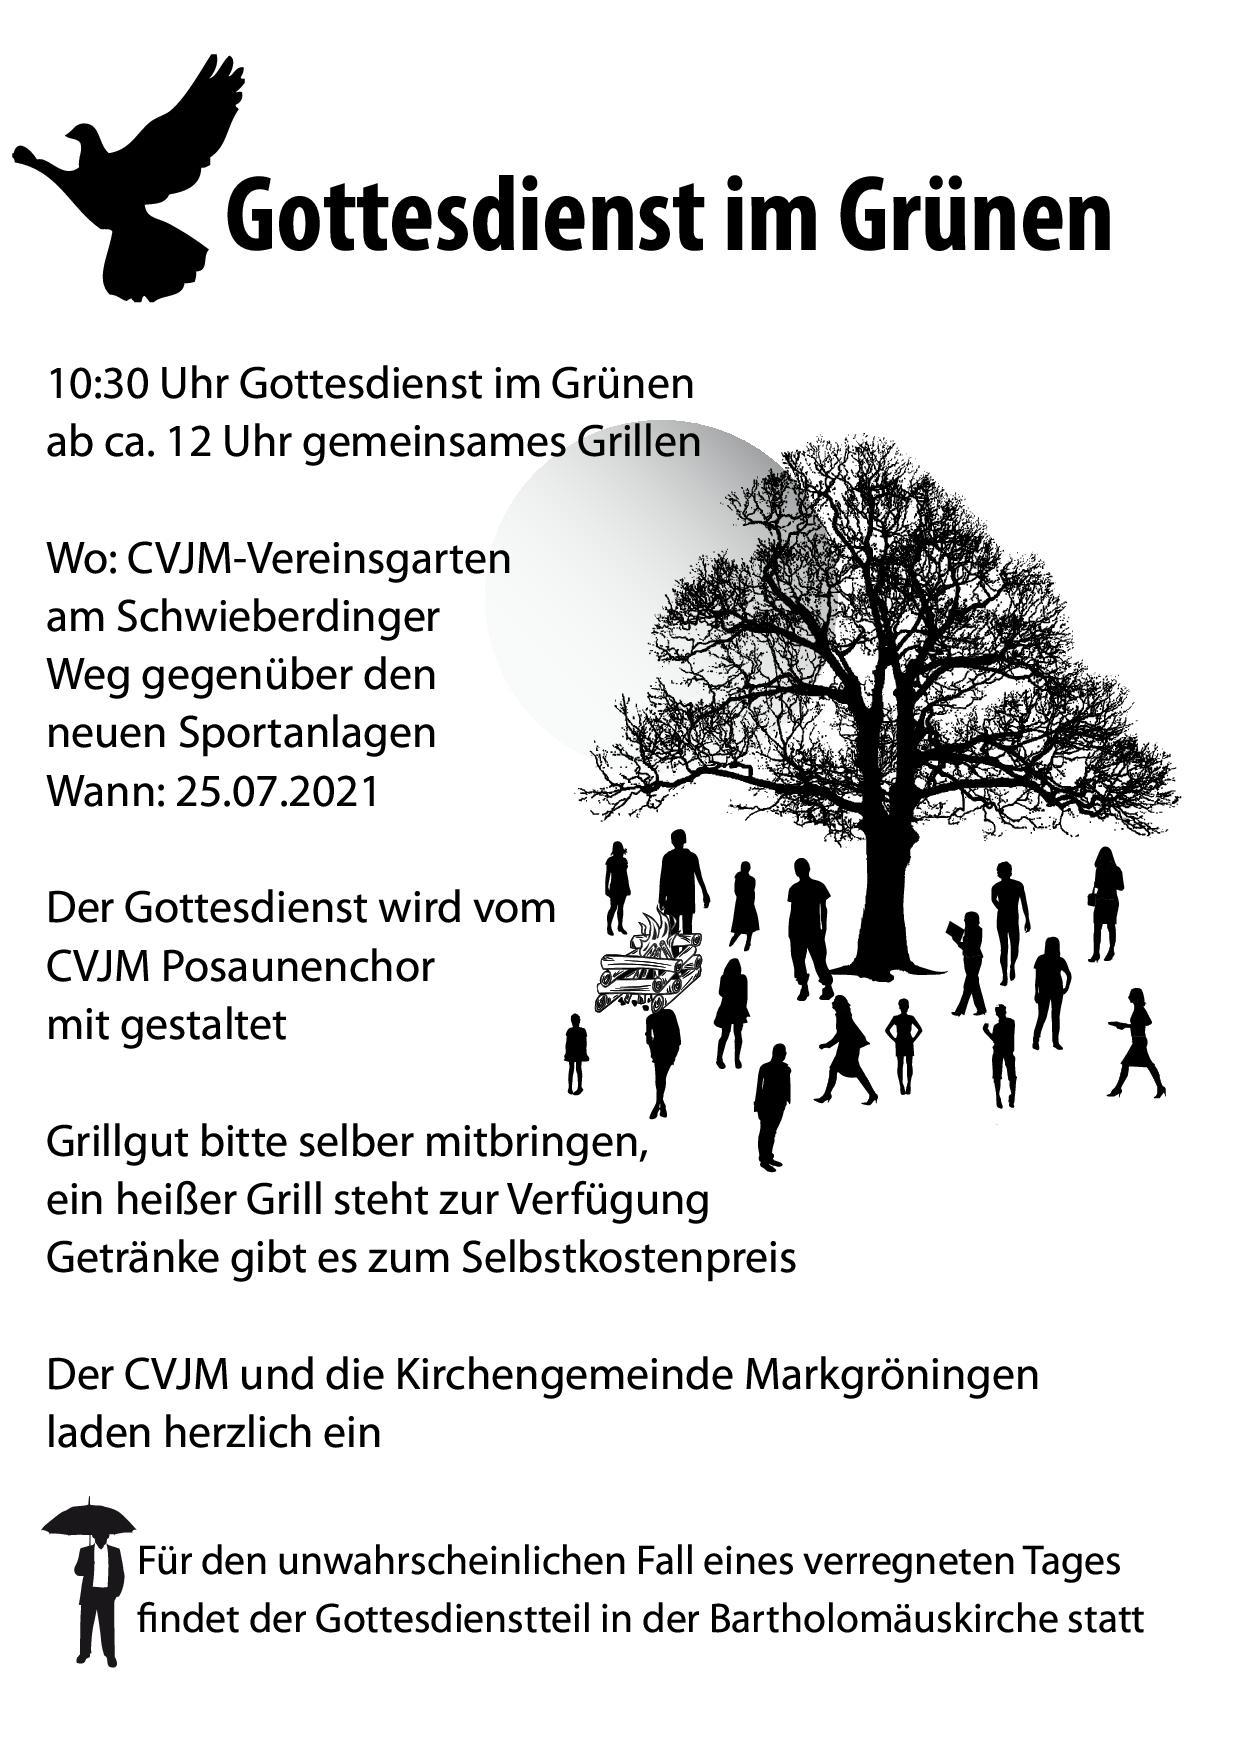 Einladung-CVJM-Garten-GODIimGruenen-2021